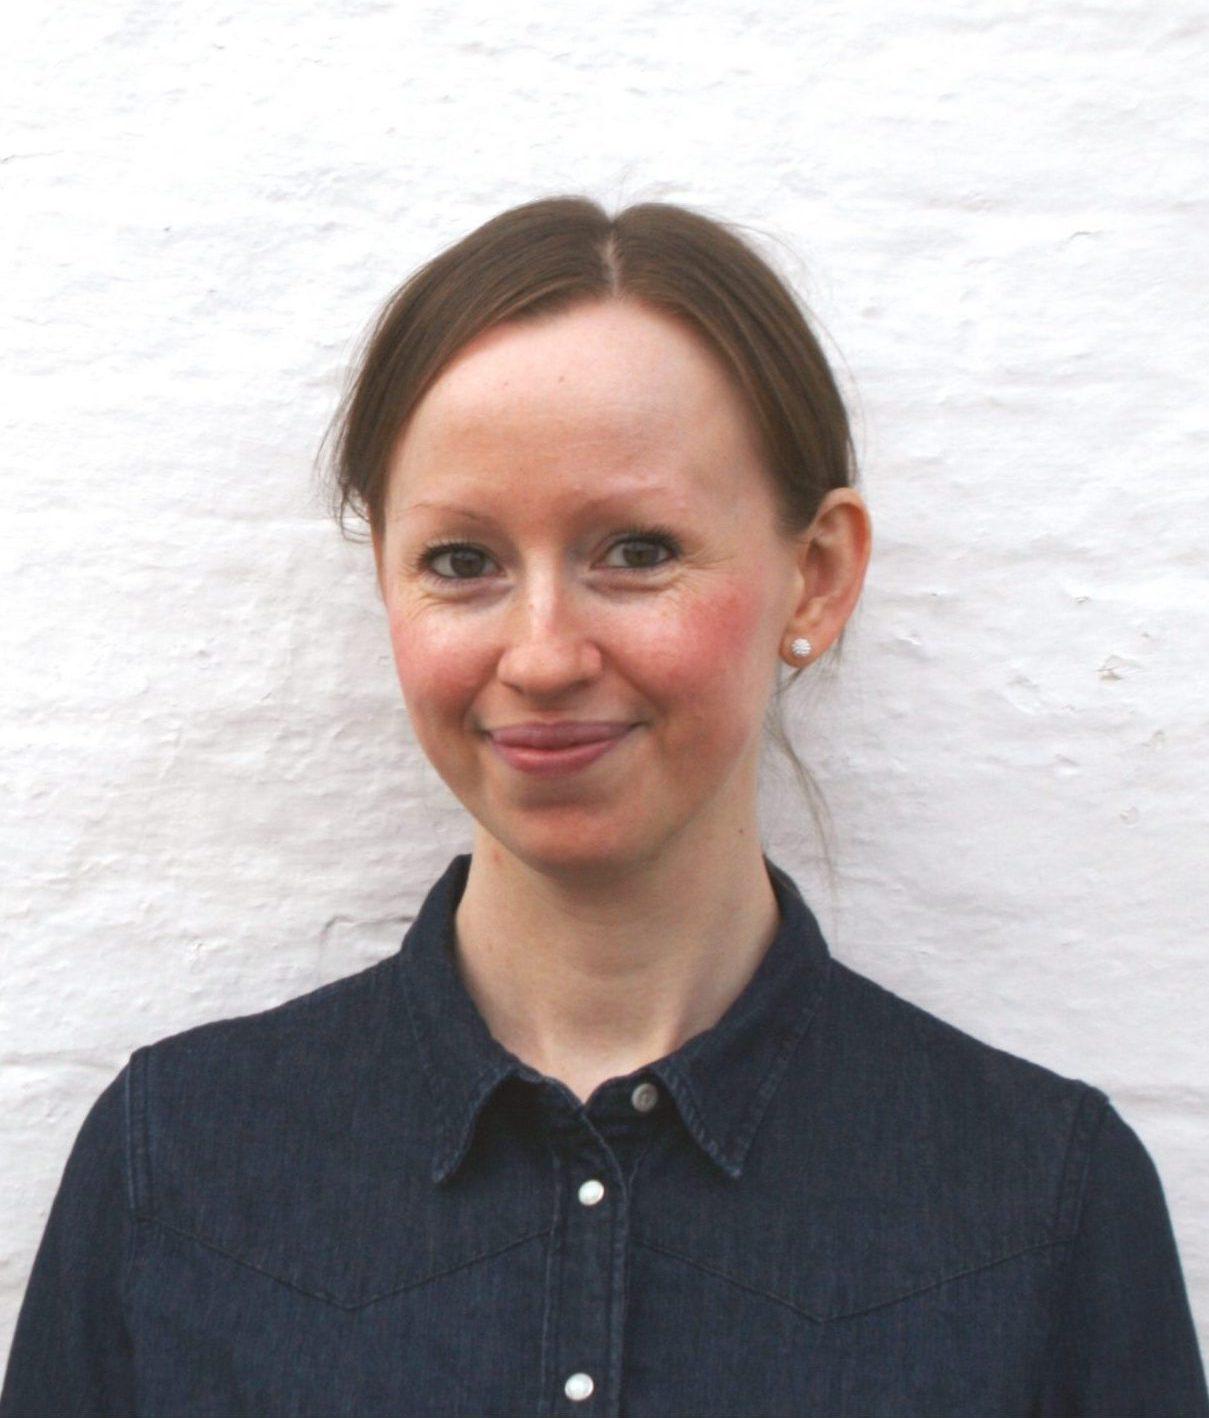 Camilla Staunsbrink